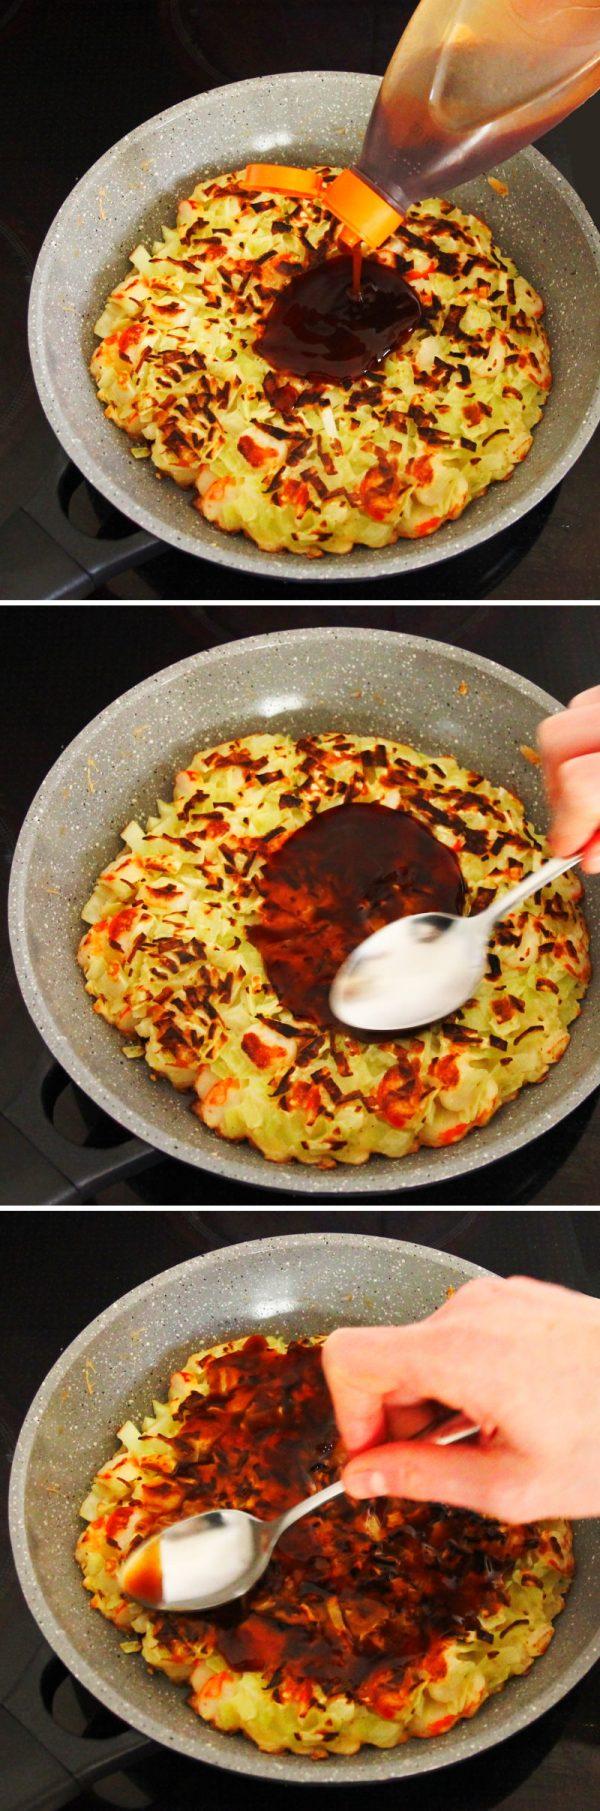 Grundrezept Okonomiyaki Schritt 7 Teig mit Sauce bestreichen